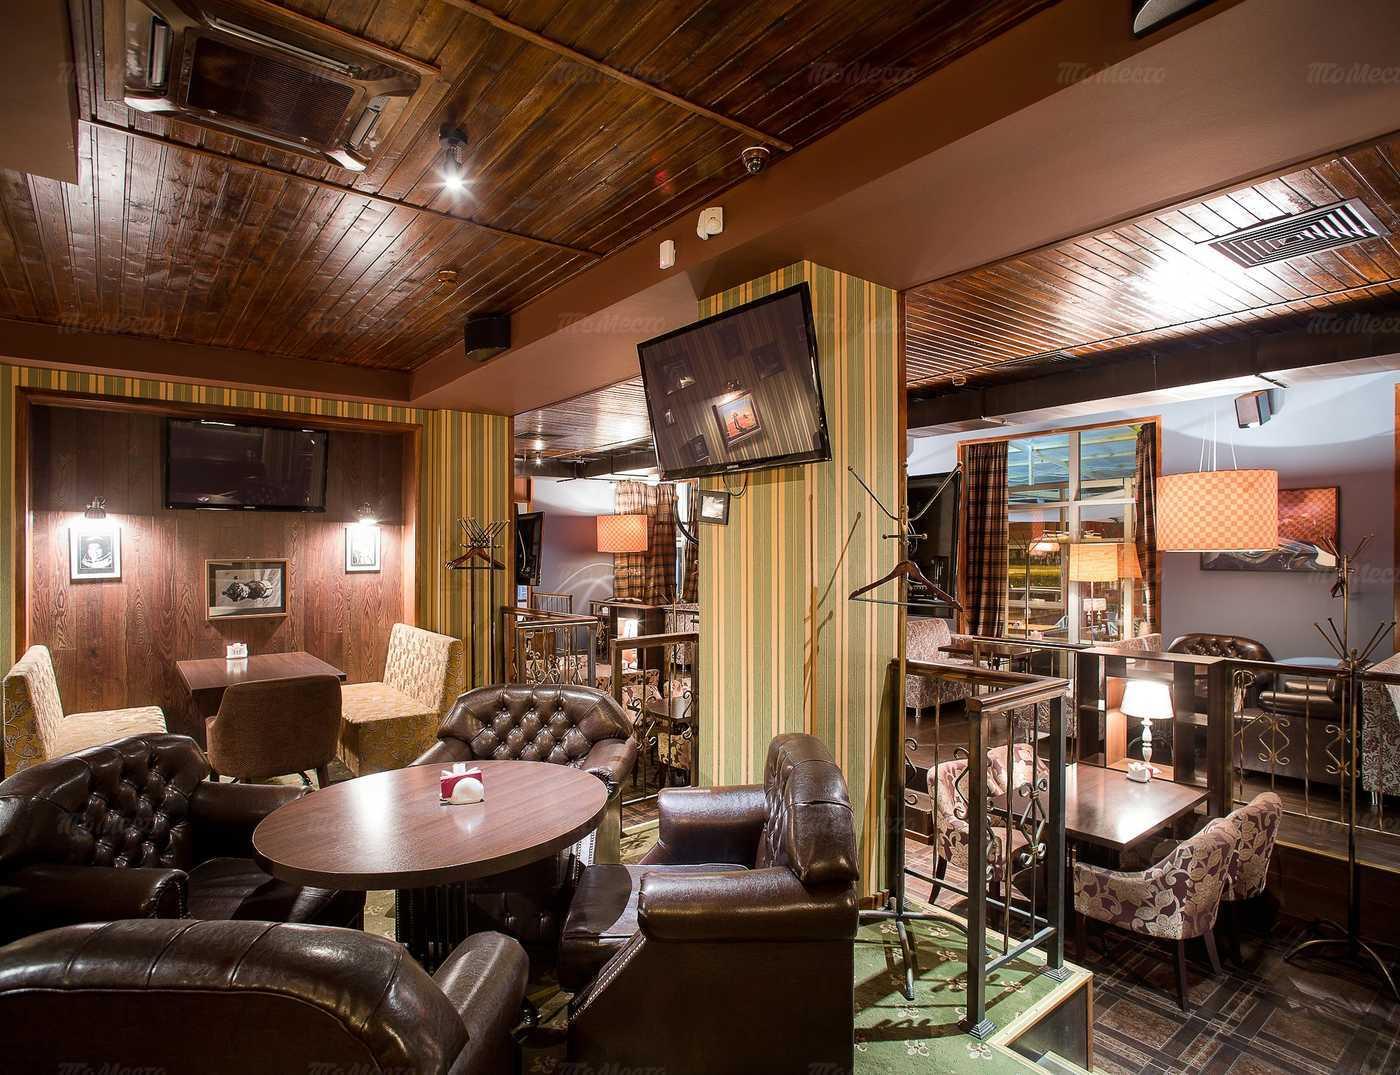 Меню паба, пивного ресторана, ресторана Мюнхель (Munhell) на проспекте Космонавтов